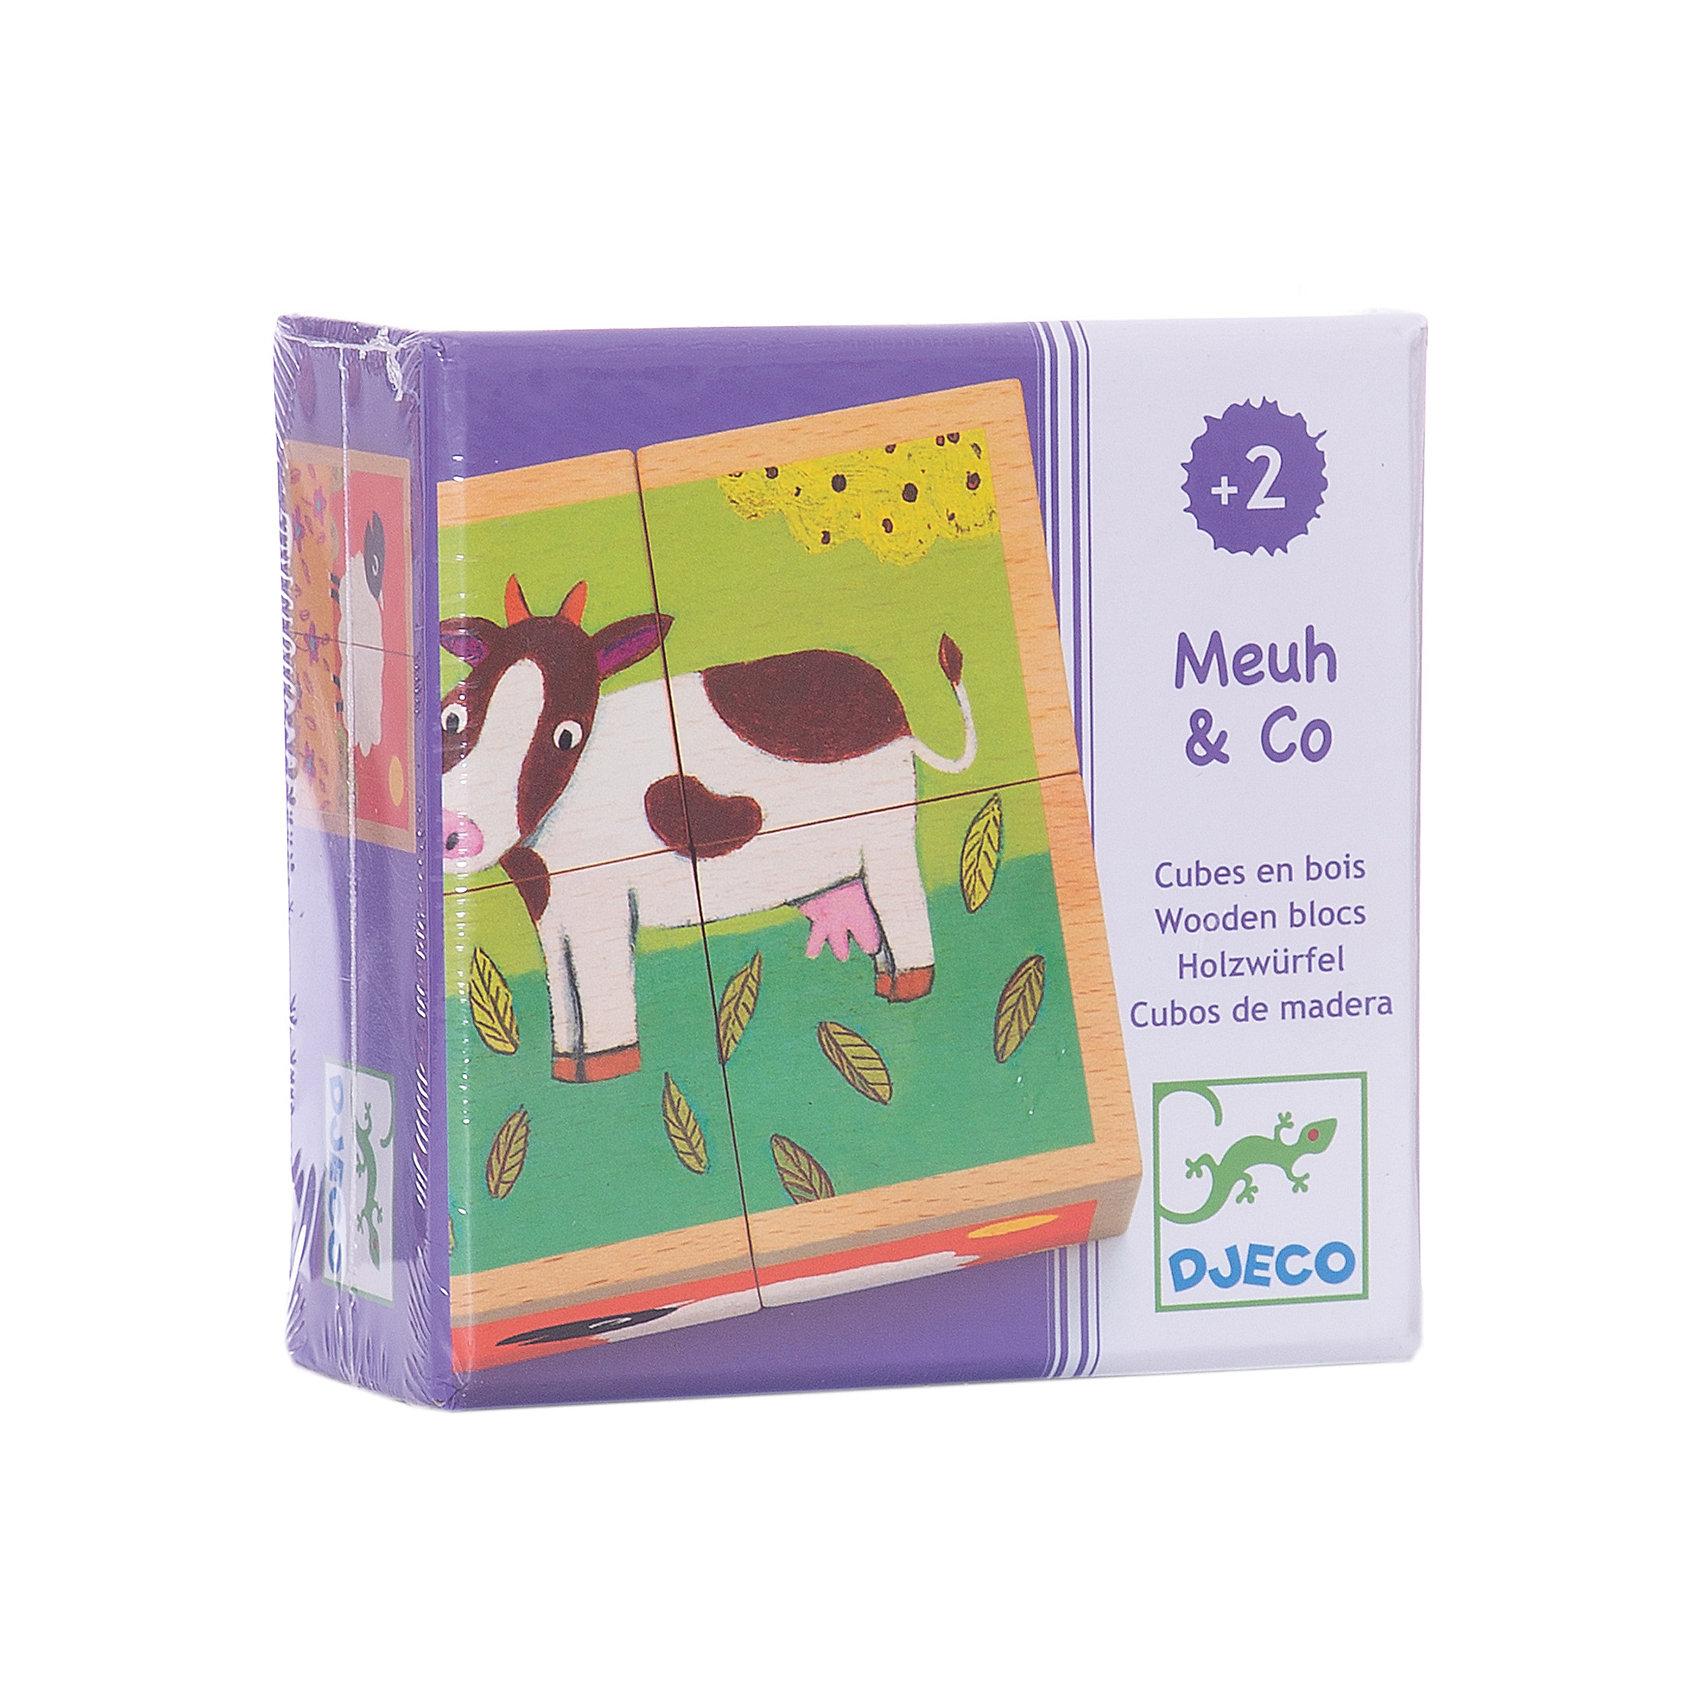 Кубики «Ферма», DJECOКубики Ферма, Djeco (Джеко) - классическая, всеми любимая детская игрушка, представленная в ярком красочном варианте. Собрав 4 кубика вместе, малыш увидит красочную картинку. Каждая собранная сторона изображает забавную милую зверюшку. Дети смогут весело провести время за игрой и познакомиться с домашними животными, живущими на ферме. Игра развивает мелкую моторику, пространственные навыки, ловкость и координацию движений.<br><br>Дополнительная информация:<br><br>- В комплекте: 4 кубика.<br>- Материал: дерево.<br>- Размер кубика: 9 х 9 х 4,5 см.<br>- Размер упаковки: 10,4 х 10,4 х 5 см.<br>- Вес: 0,43 кг. <br><br>Кубики Ферма, Djeco (Джеко), можно купить в нашем магазине.<br><br>Ширина мм: 110<br>Глубина мм: 110<br>Высота мм: 50<br>Вес г: 430<br>Возраст от месяцев: 24<br>Возраст до месяцев: 60<br>Пол: Унисекс<br>Возраст: Детский<br>SKU: 4566281